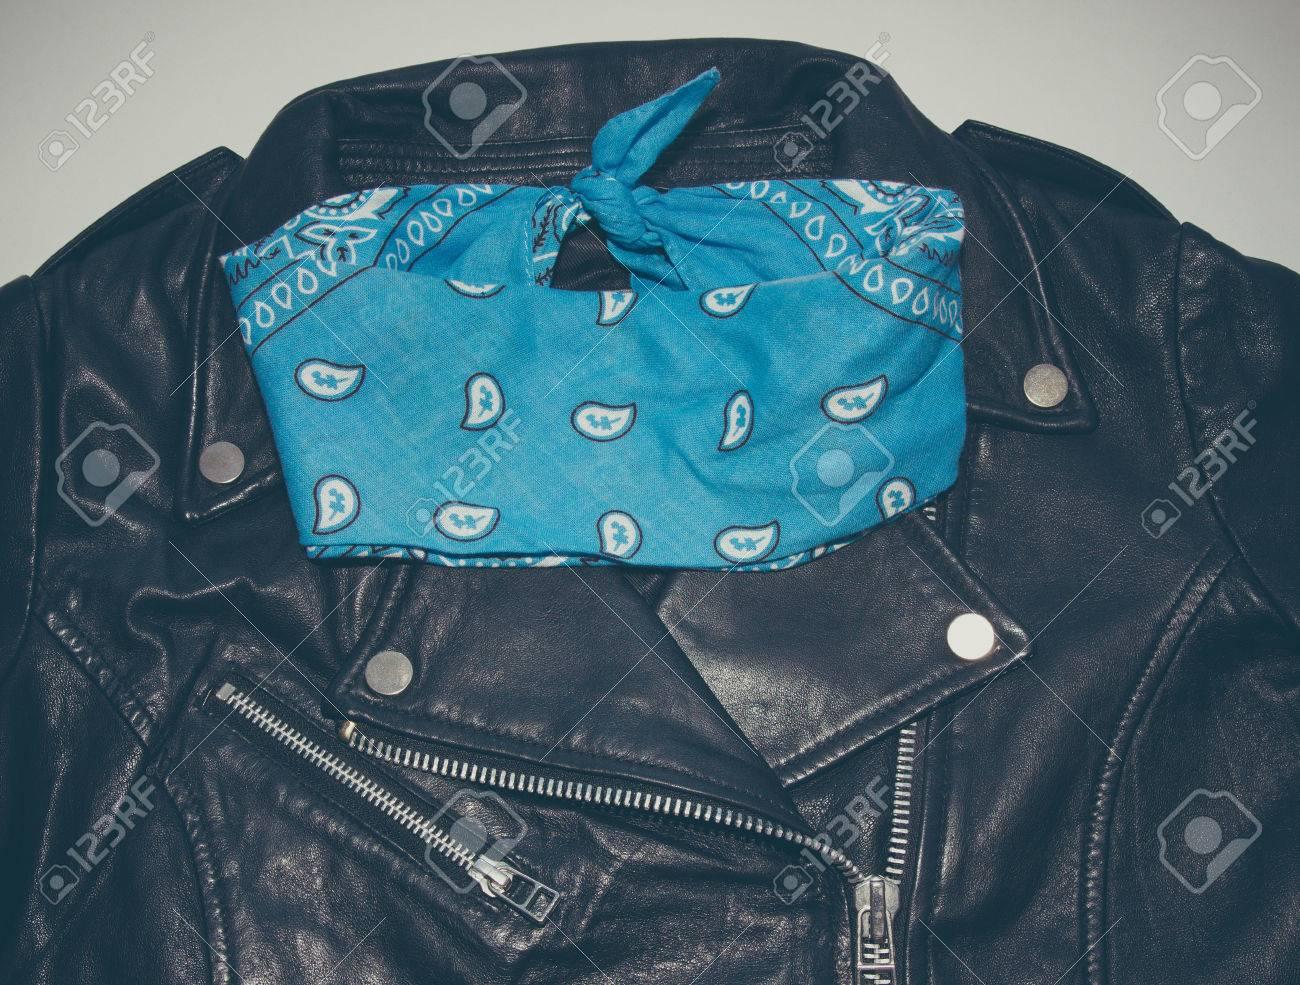 biker black leather jacket and blue folded bandana  Photo with